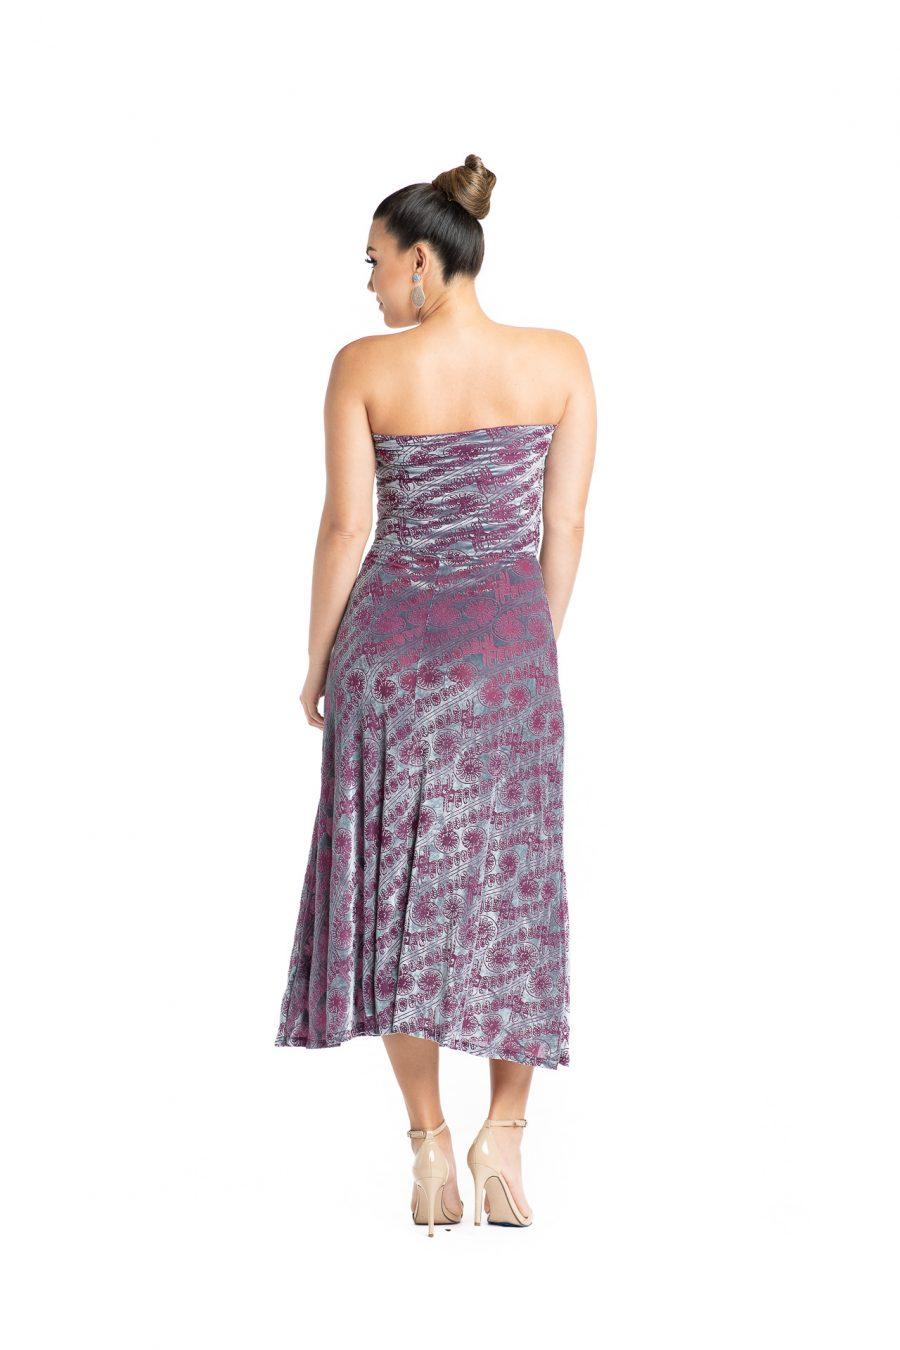 Model wearing Lahela Skirt in Pixiie Purple Amau - Back View